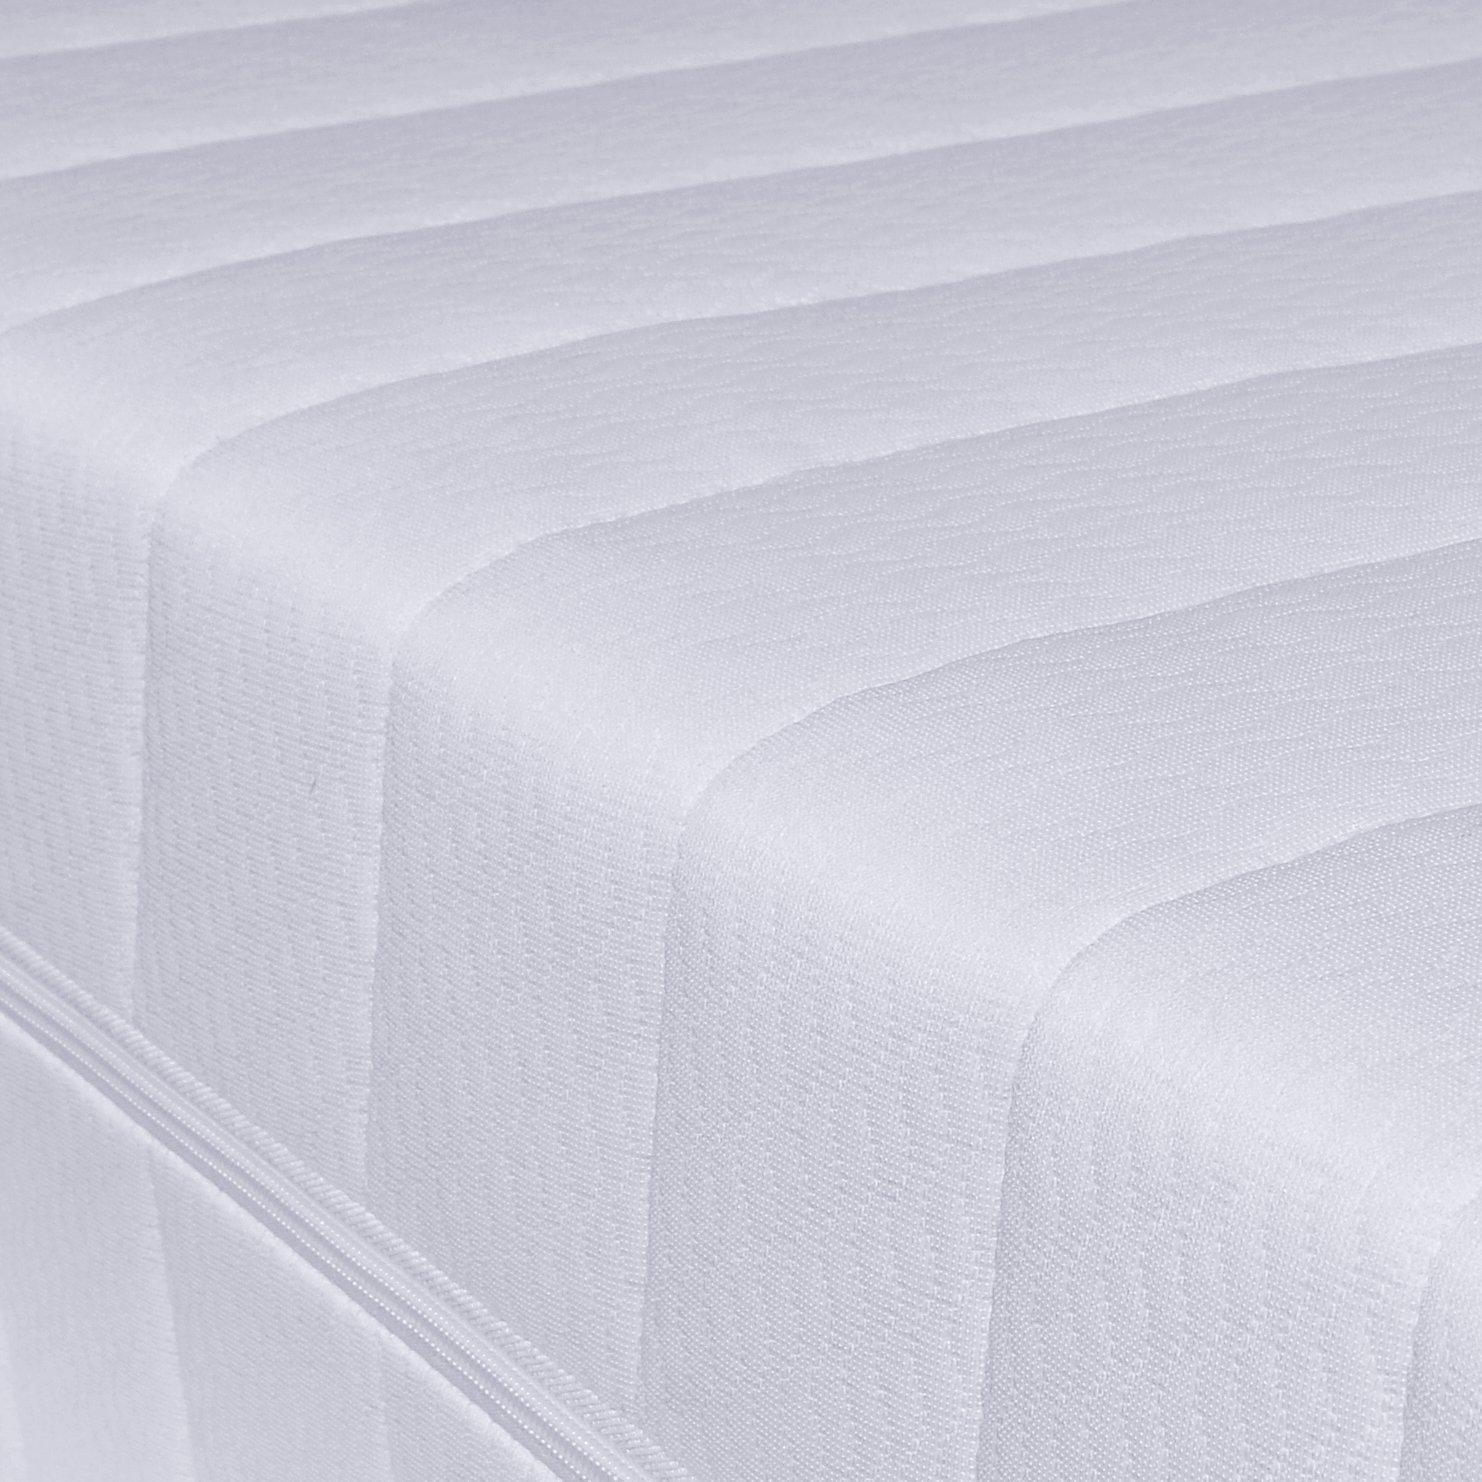 kaltschaummatratze test die besten modelle f r 2018 im vergleich. Black Bedroom Furniture Sets. Home Design Ideas